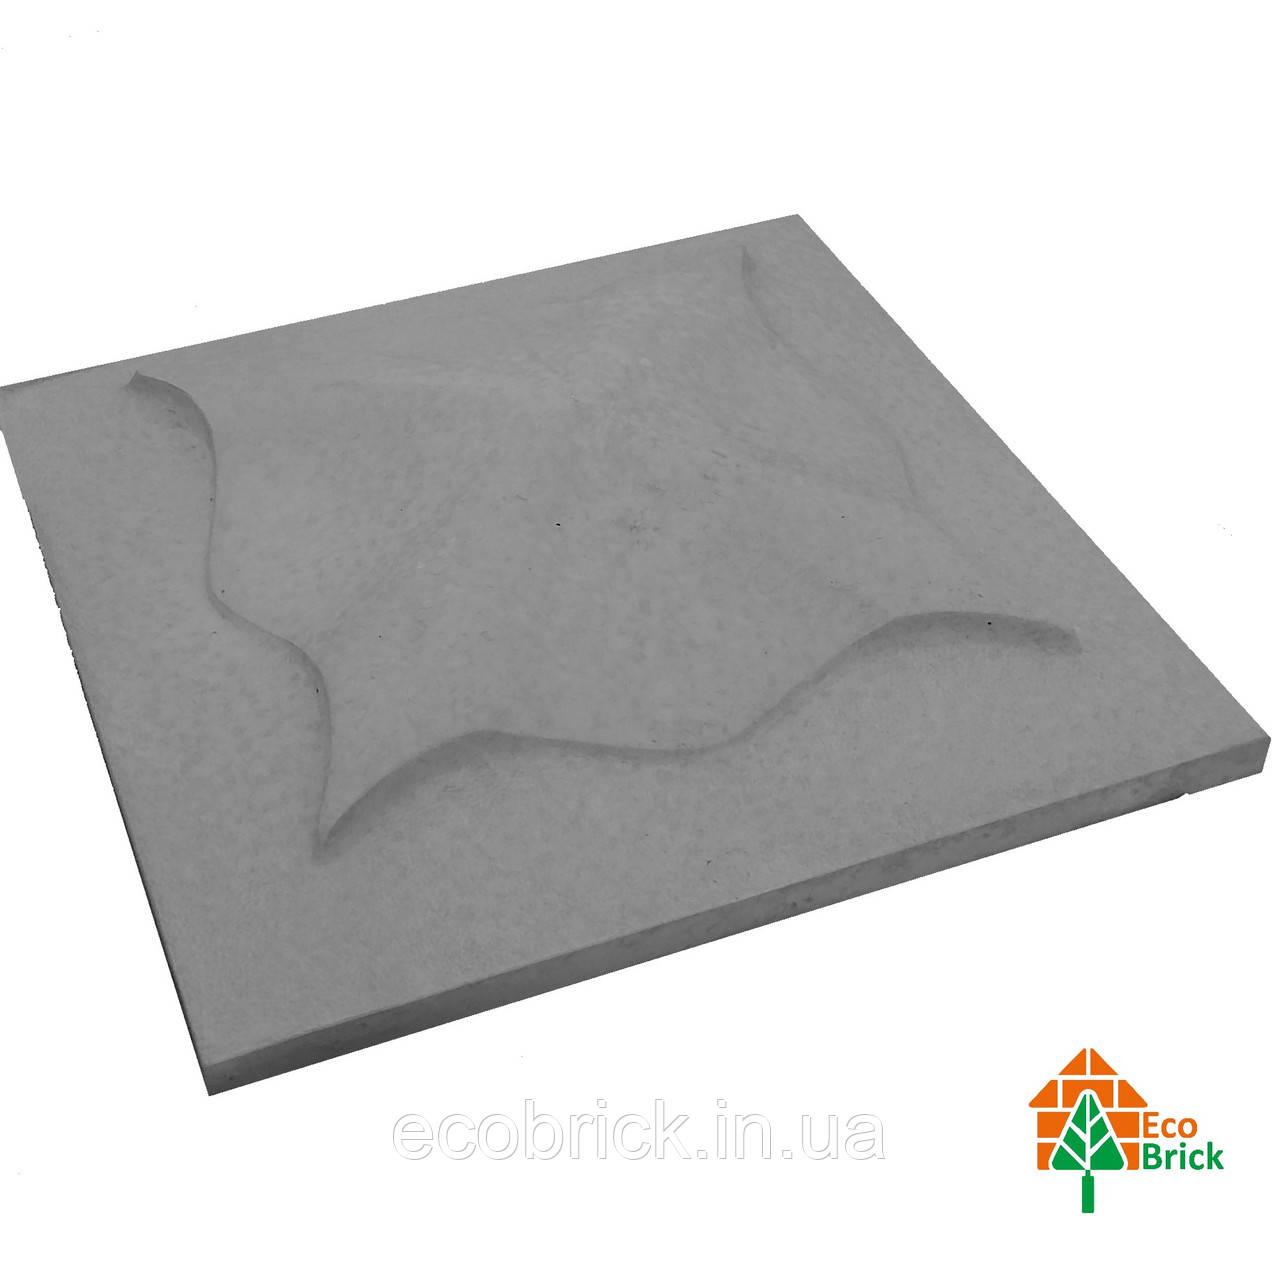 Крышки кирпичного забора «КВІТКА» 450х450 мм. цвет серый,вес 24 кг.